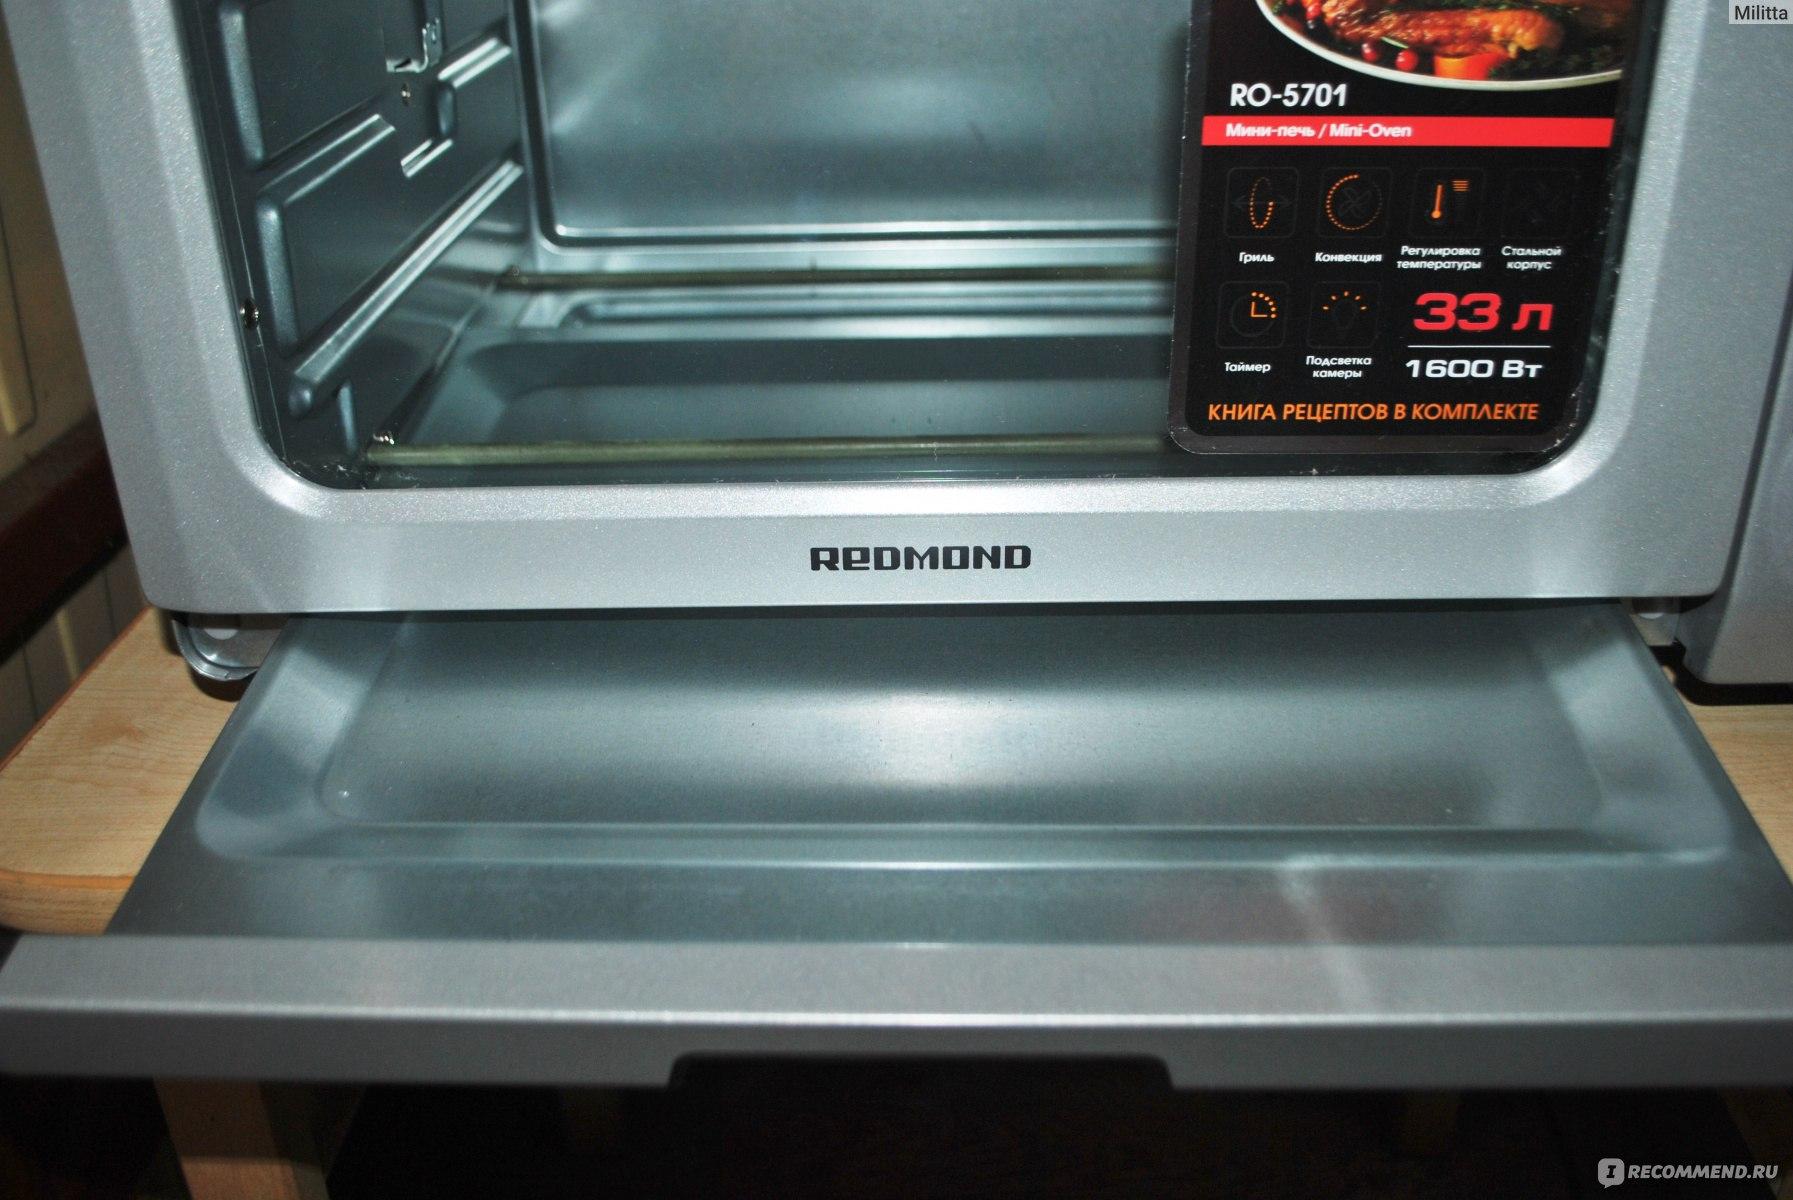 Редмонд мини печь 5701 рецепты